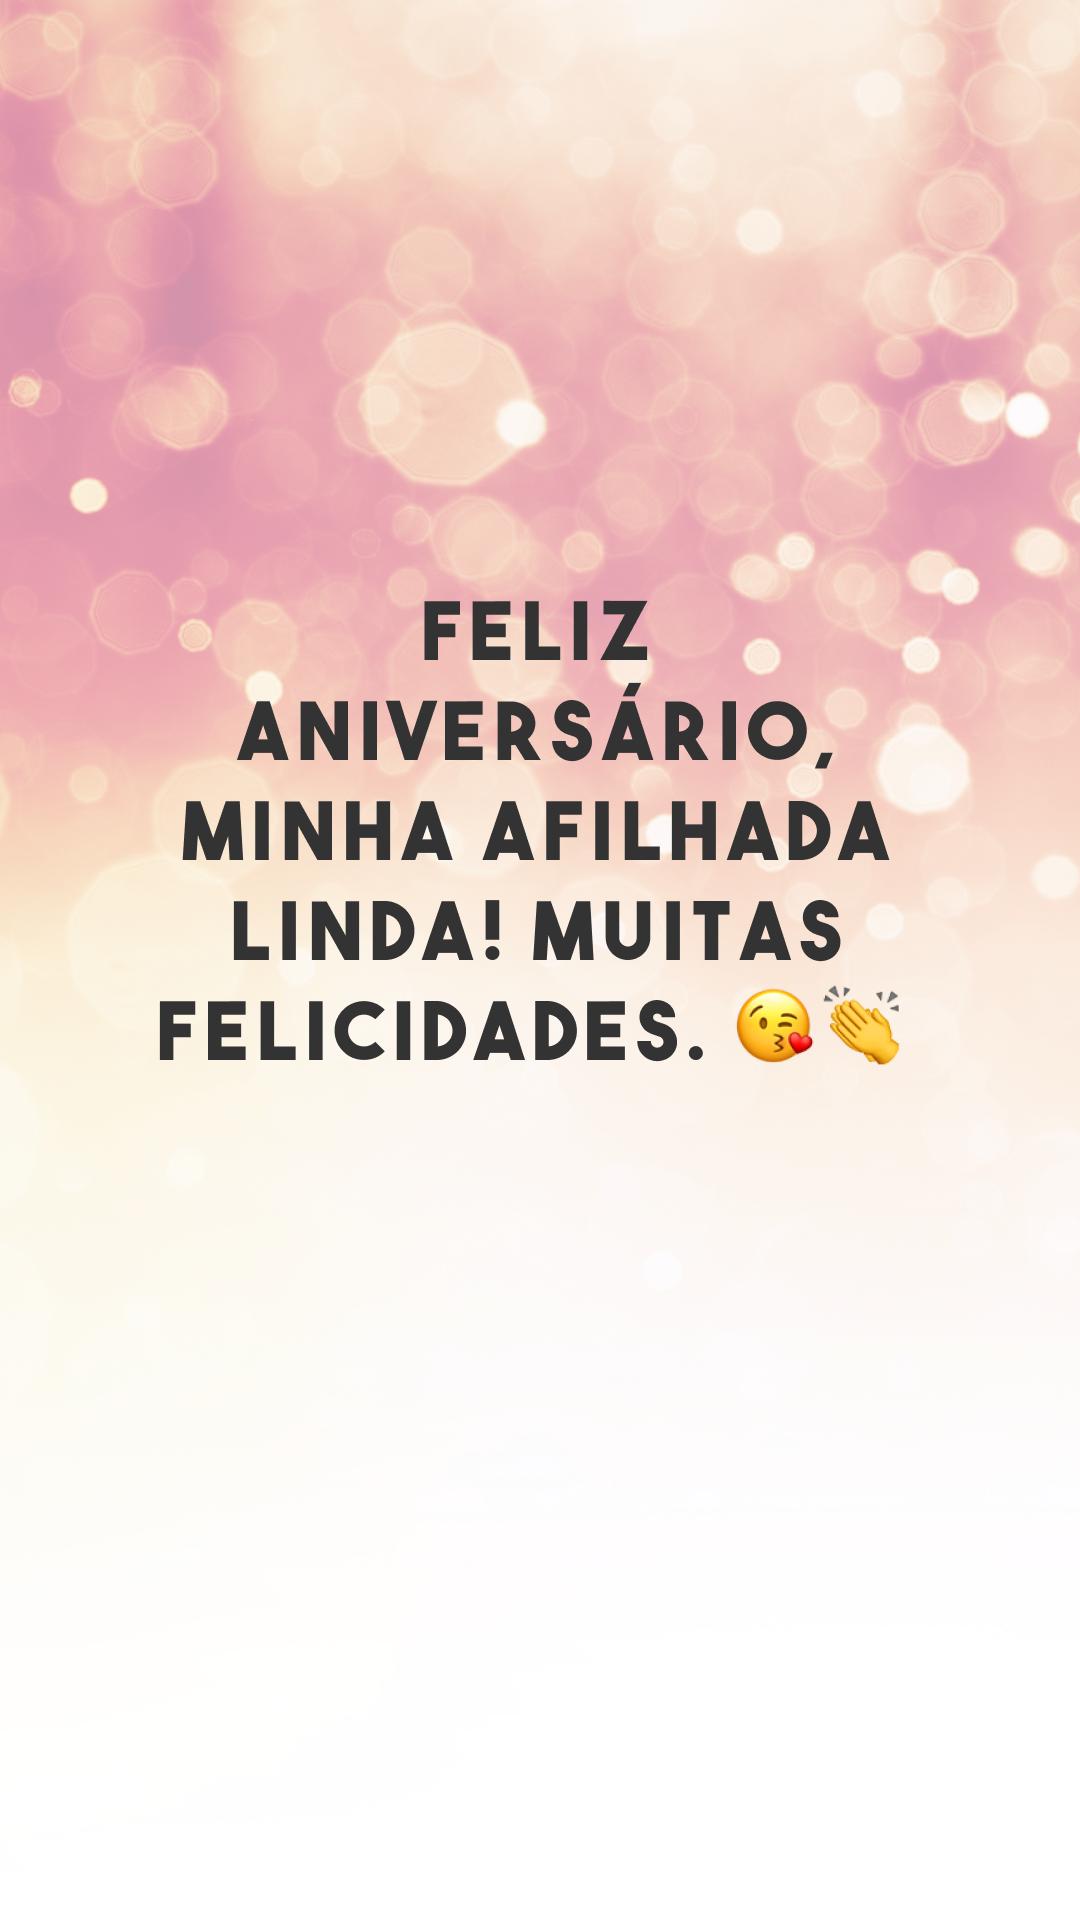 Feliz aniversário, minha afilhada linda! Muitas felicidades. 😘👏<br />